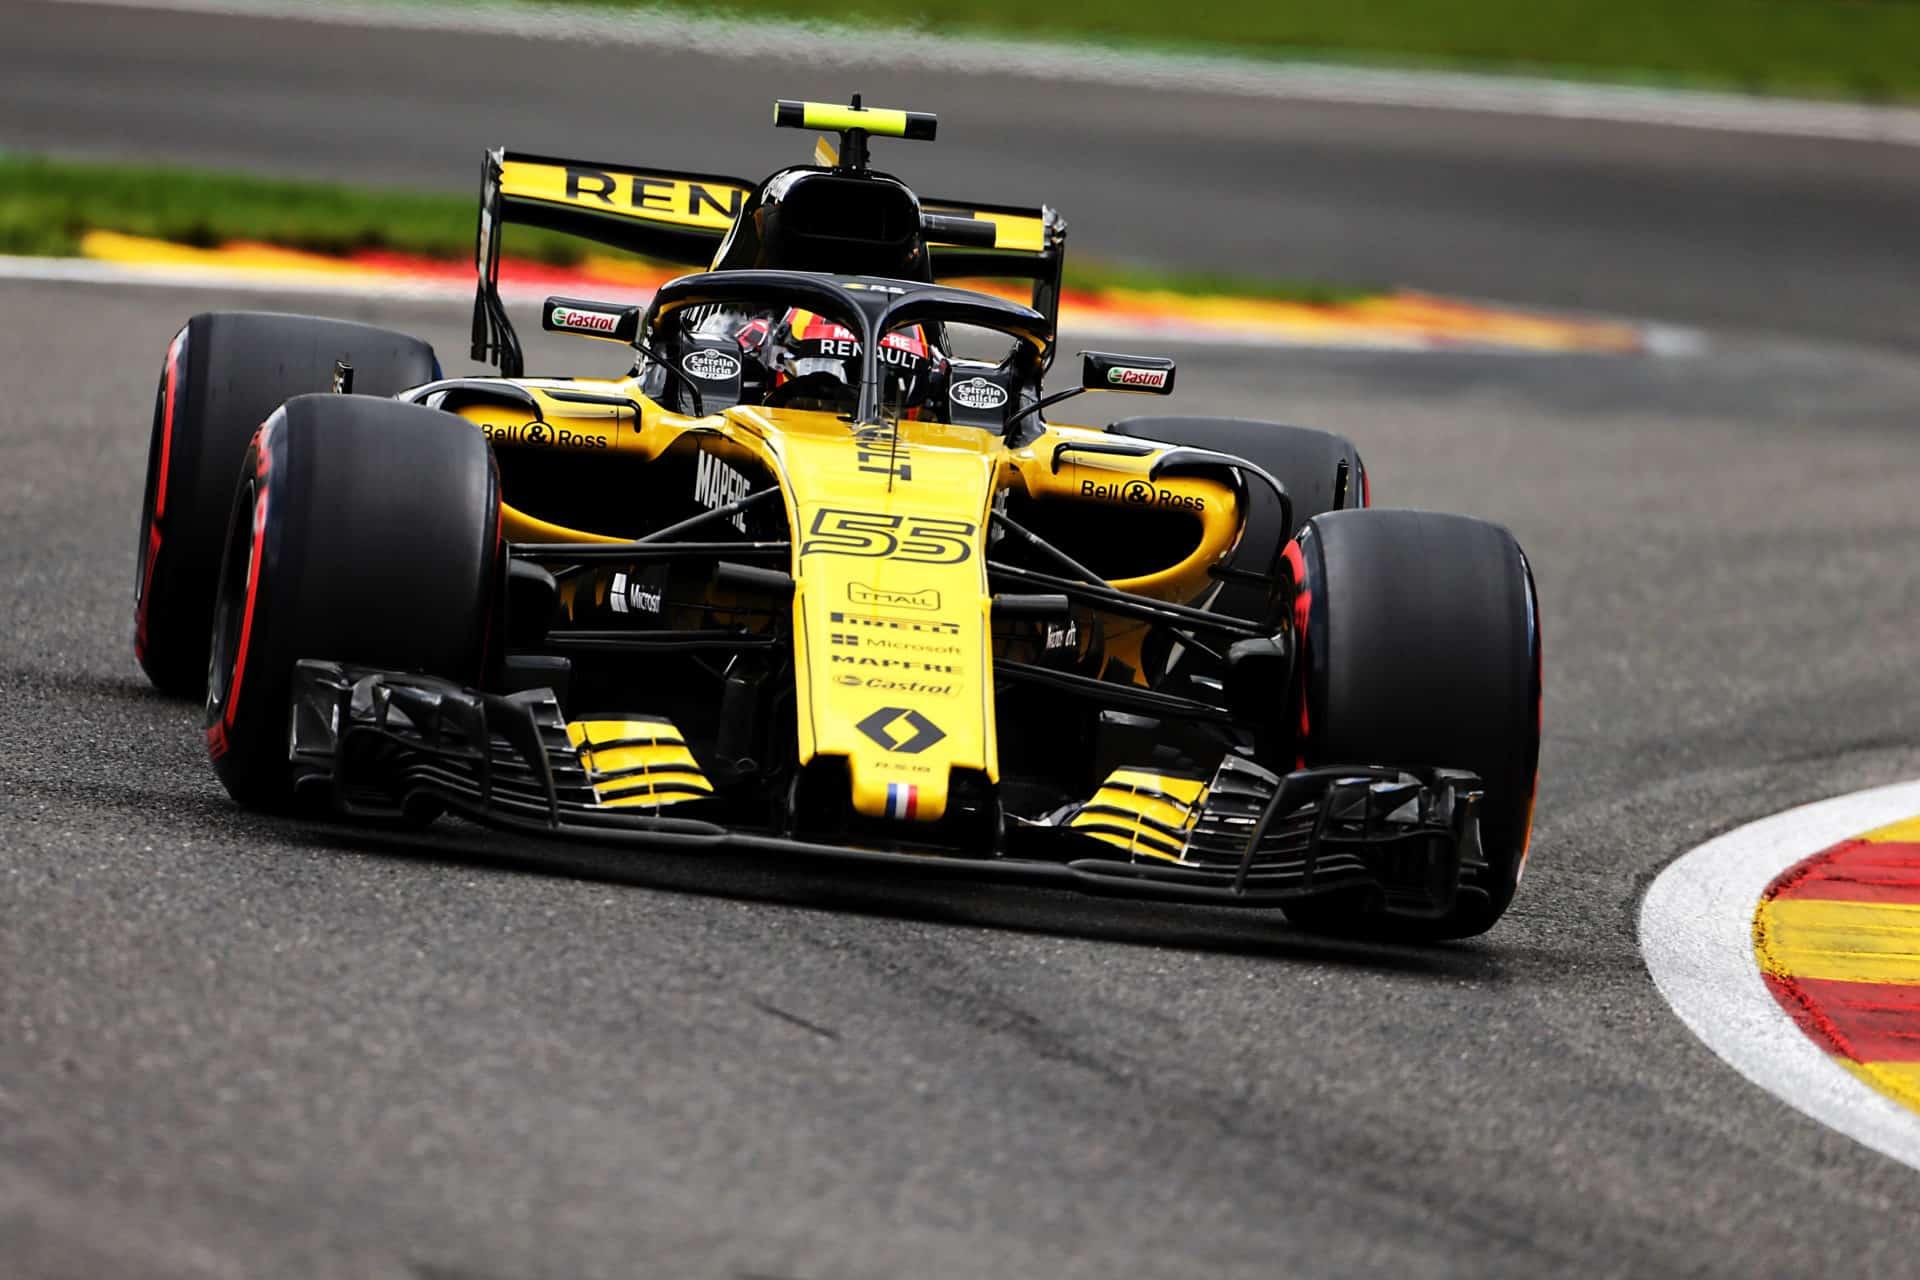 Carlos Sainz cambia motor y saldrá penúltimo en Spa